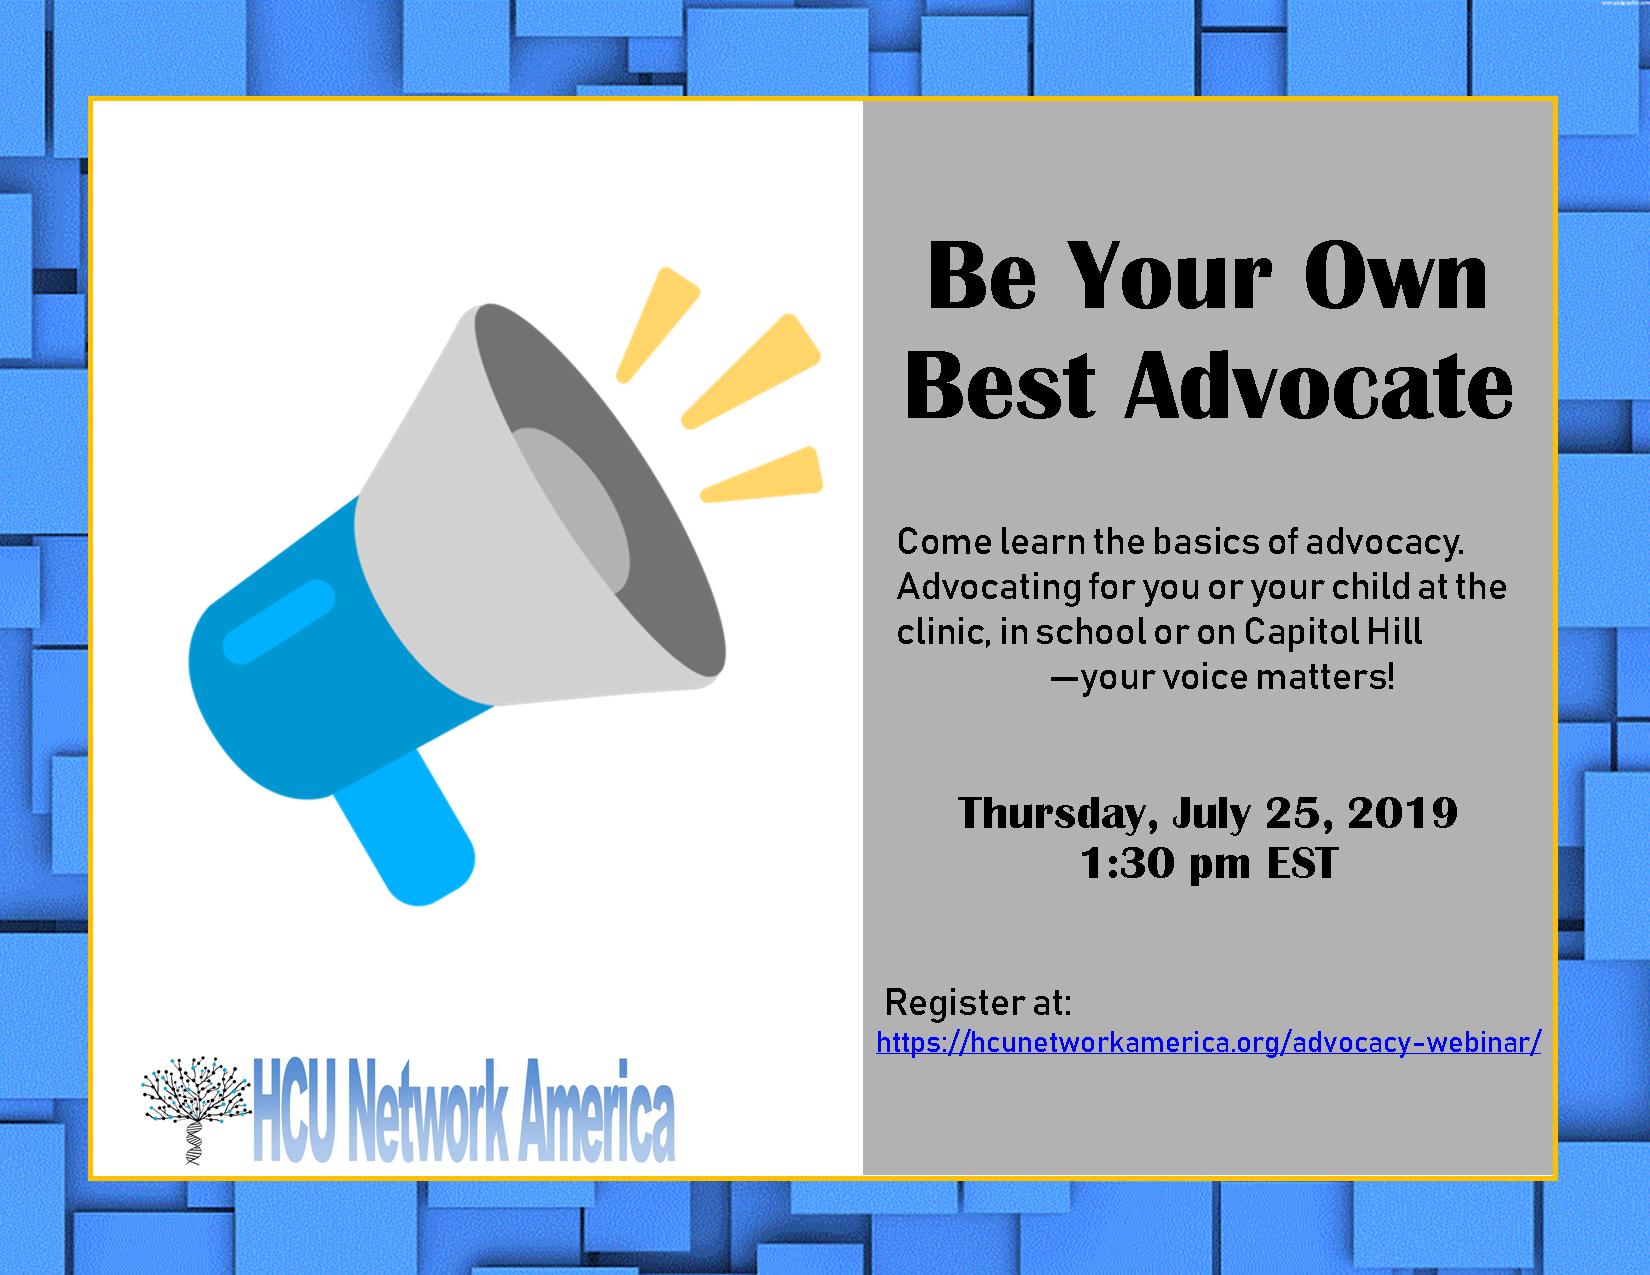 AdvocacyWebinar